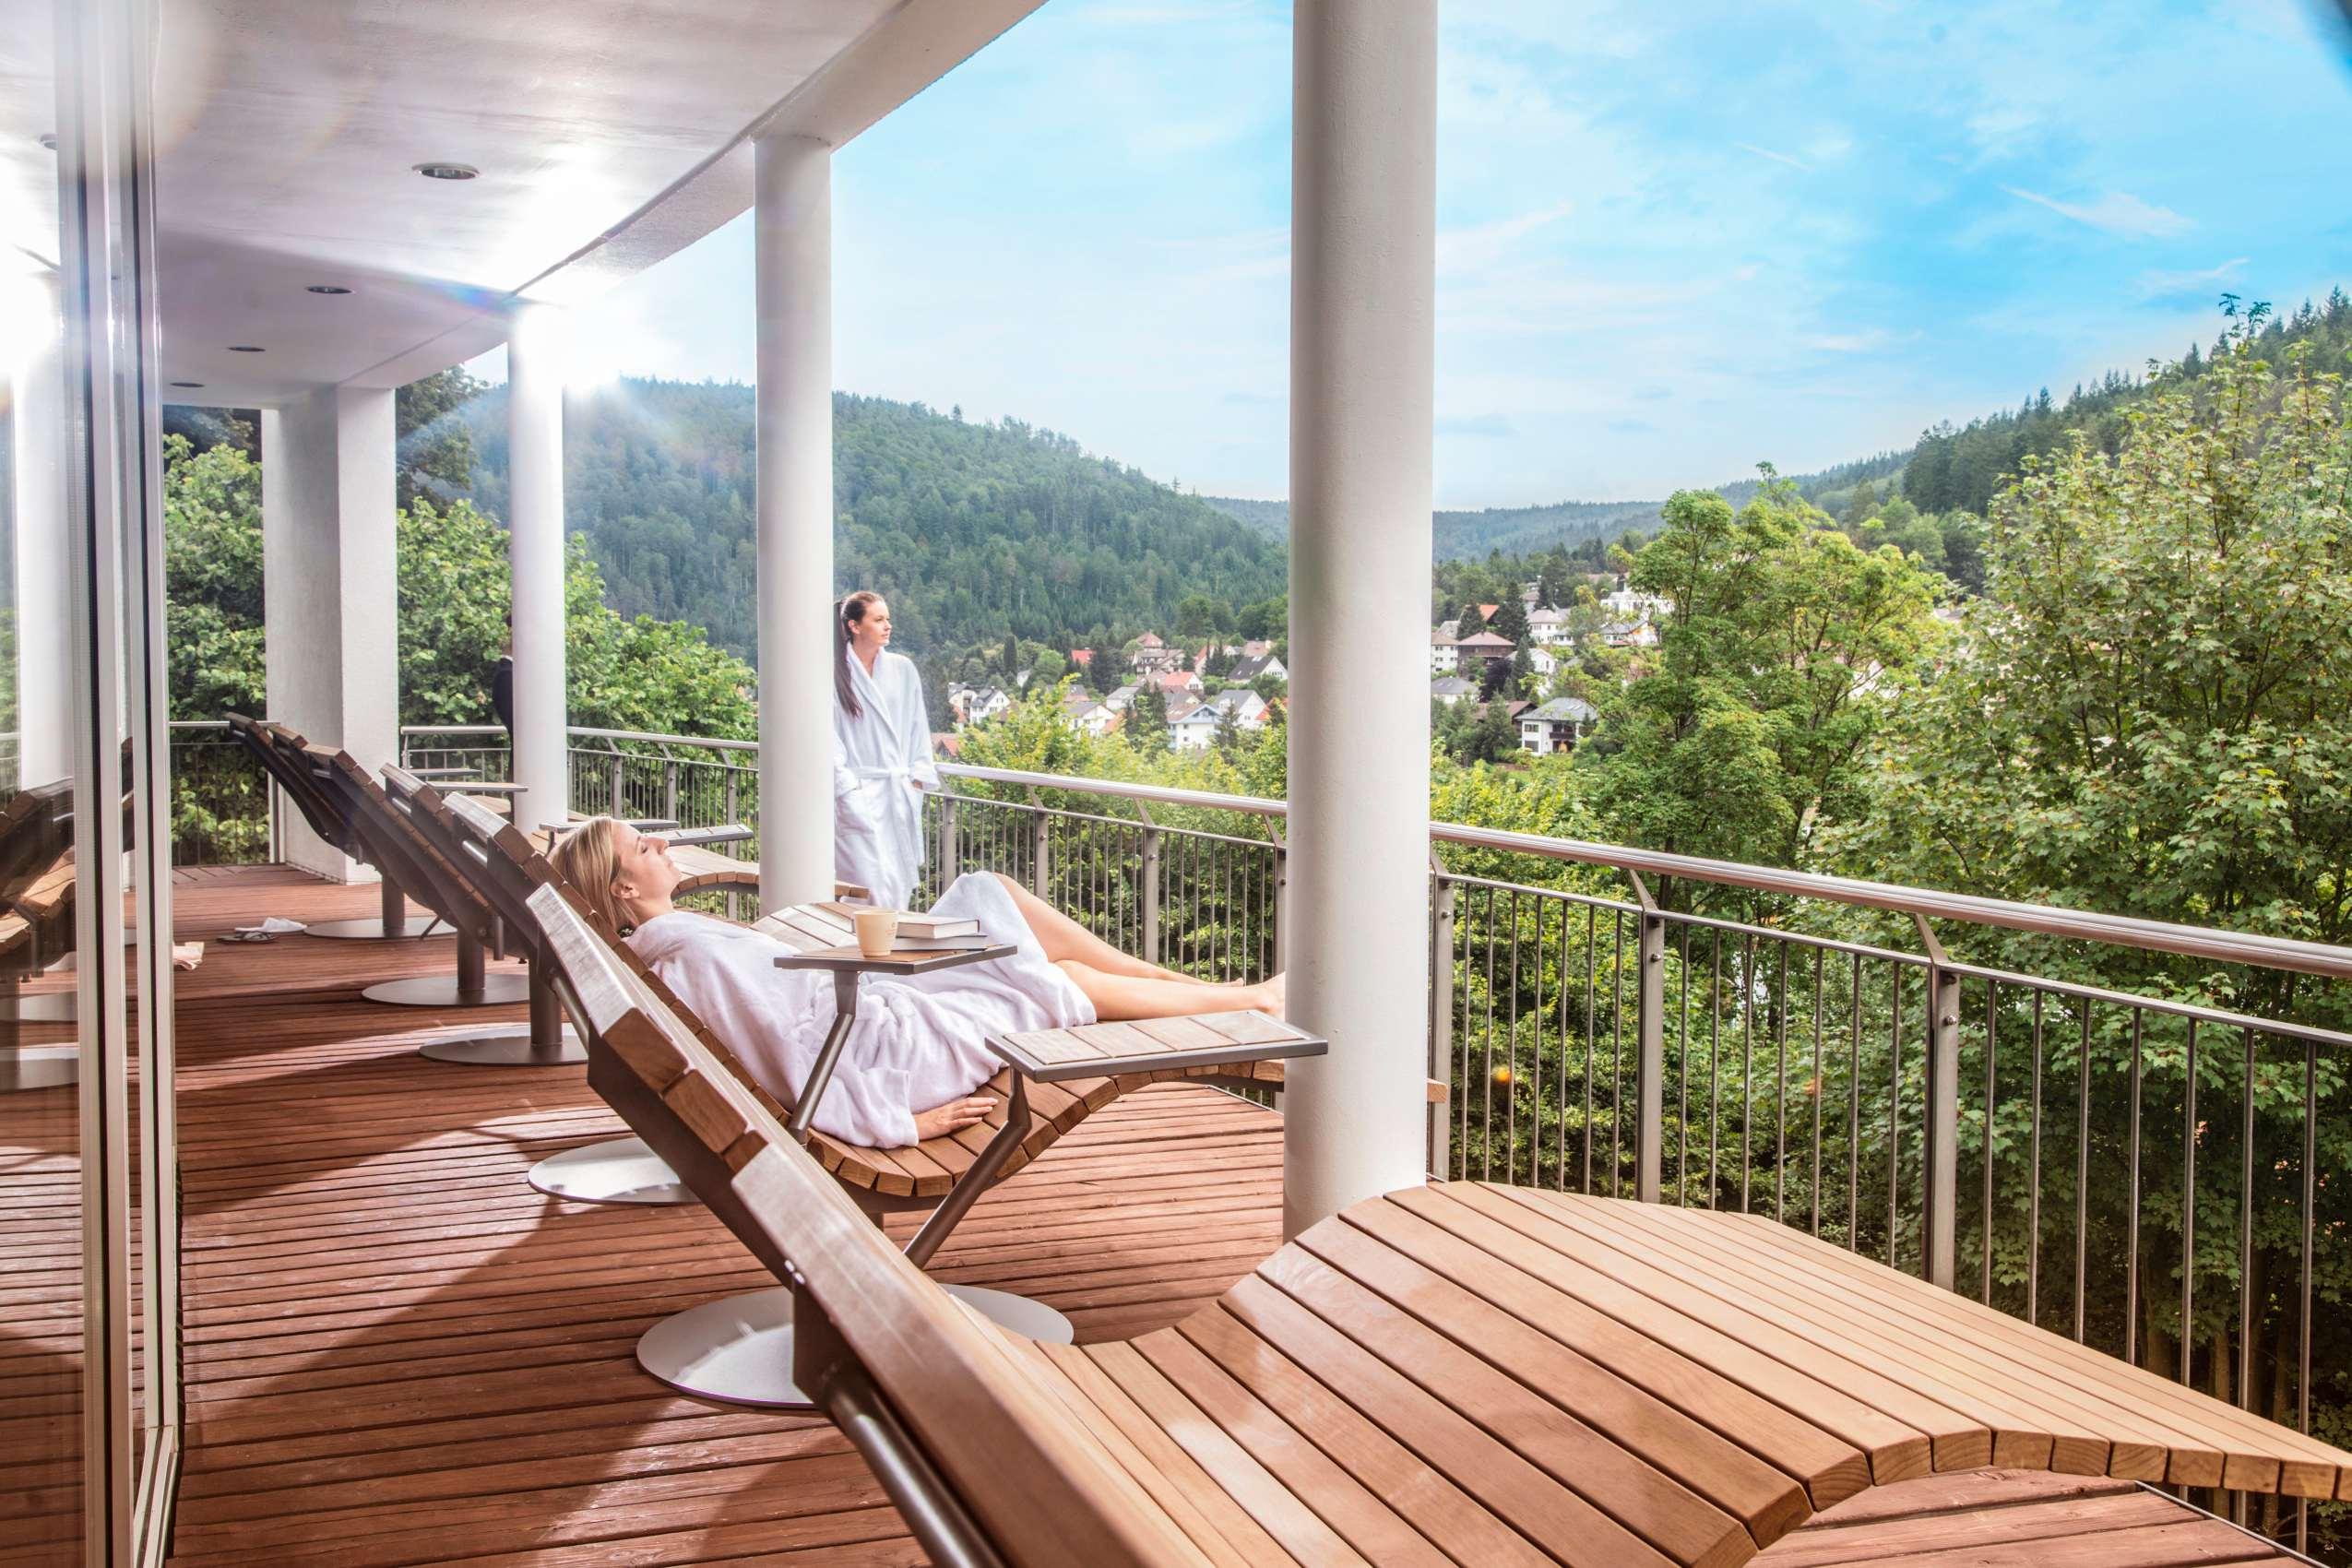 Personen auf der Sonnenterrasse im Schwarzwald Panorama